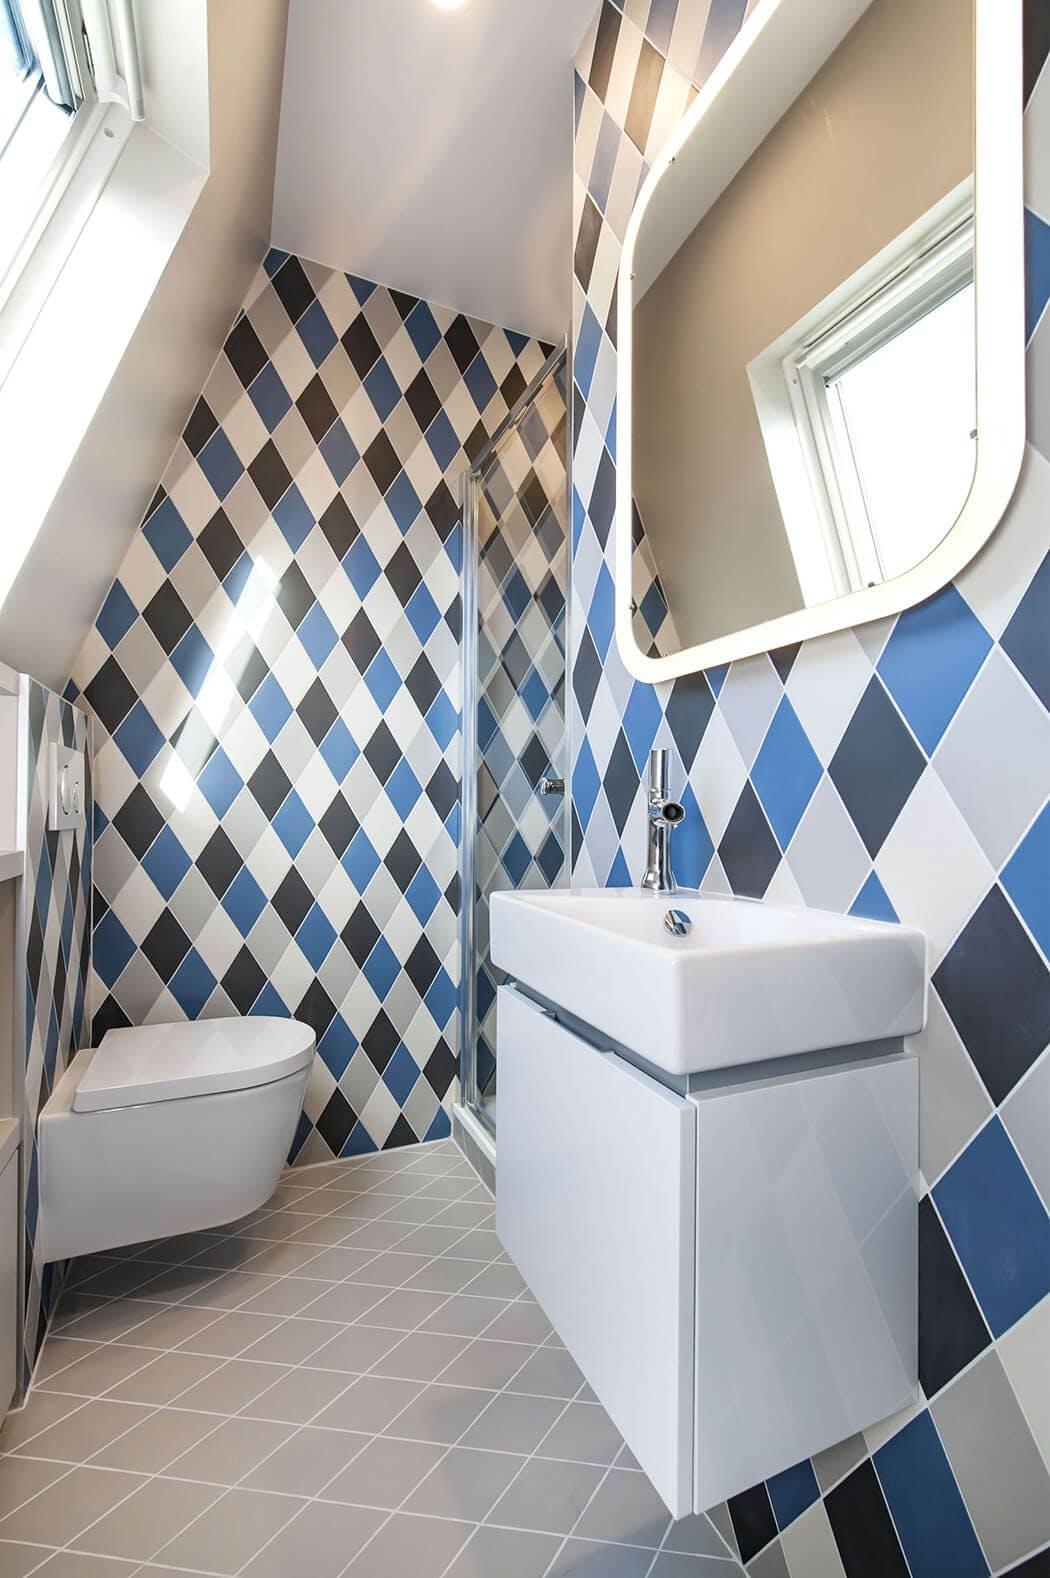 salle de bain au style déco original mêlant carrelage mural en losanges et équipements design